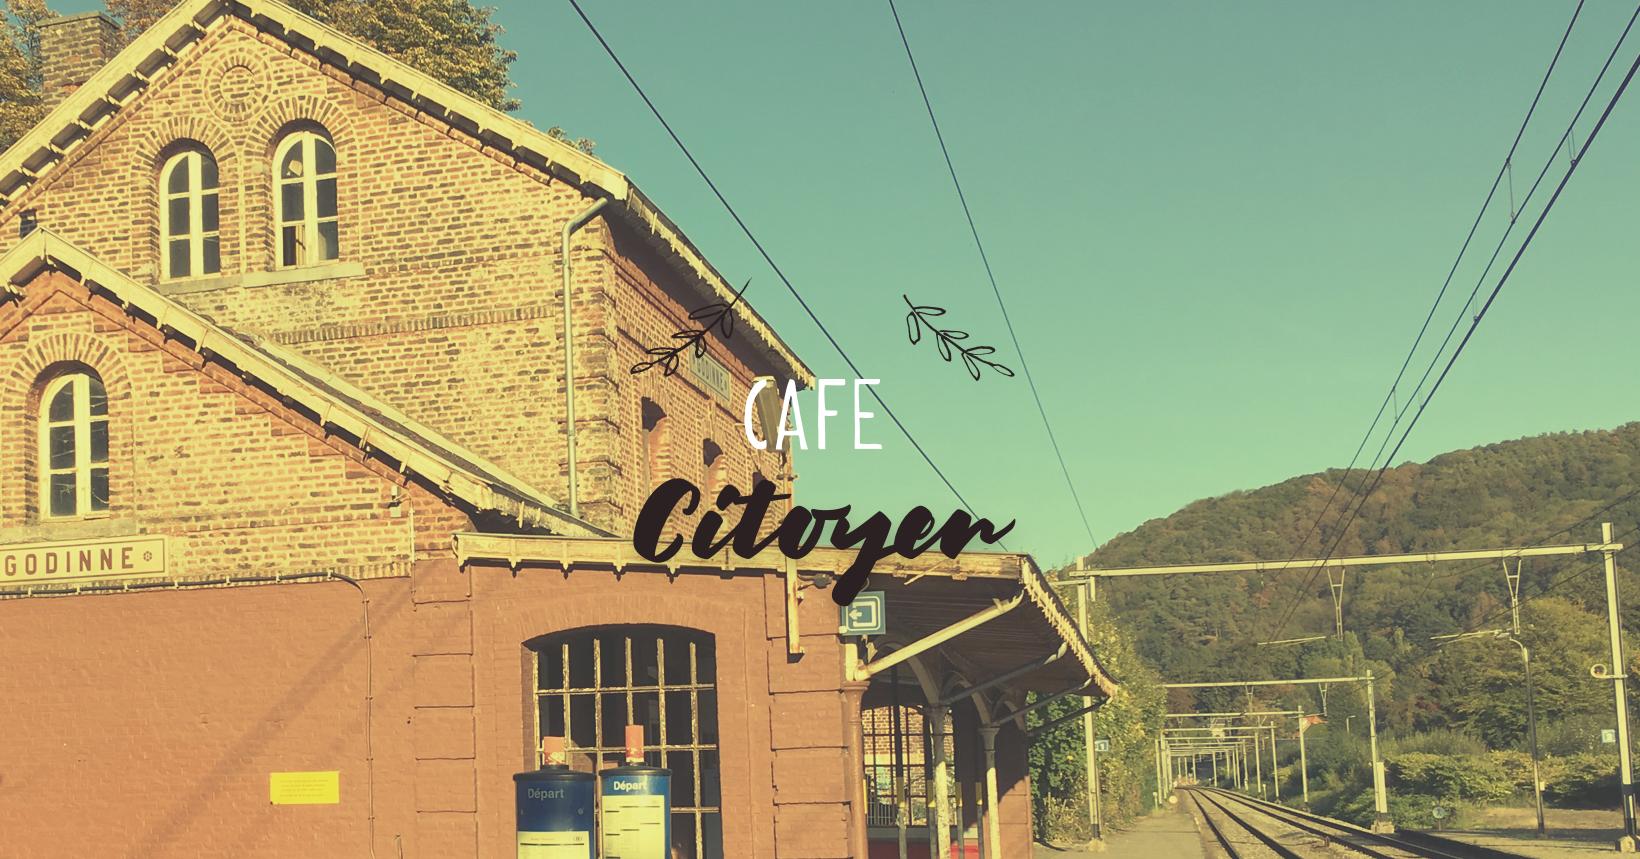 Café Citoyen Spécial Gare de Godinne